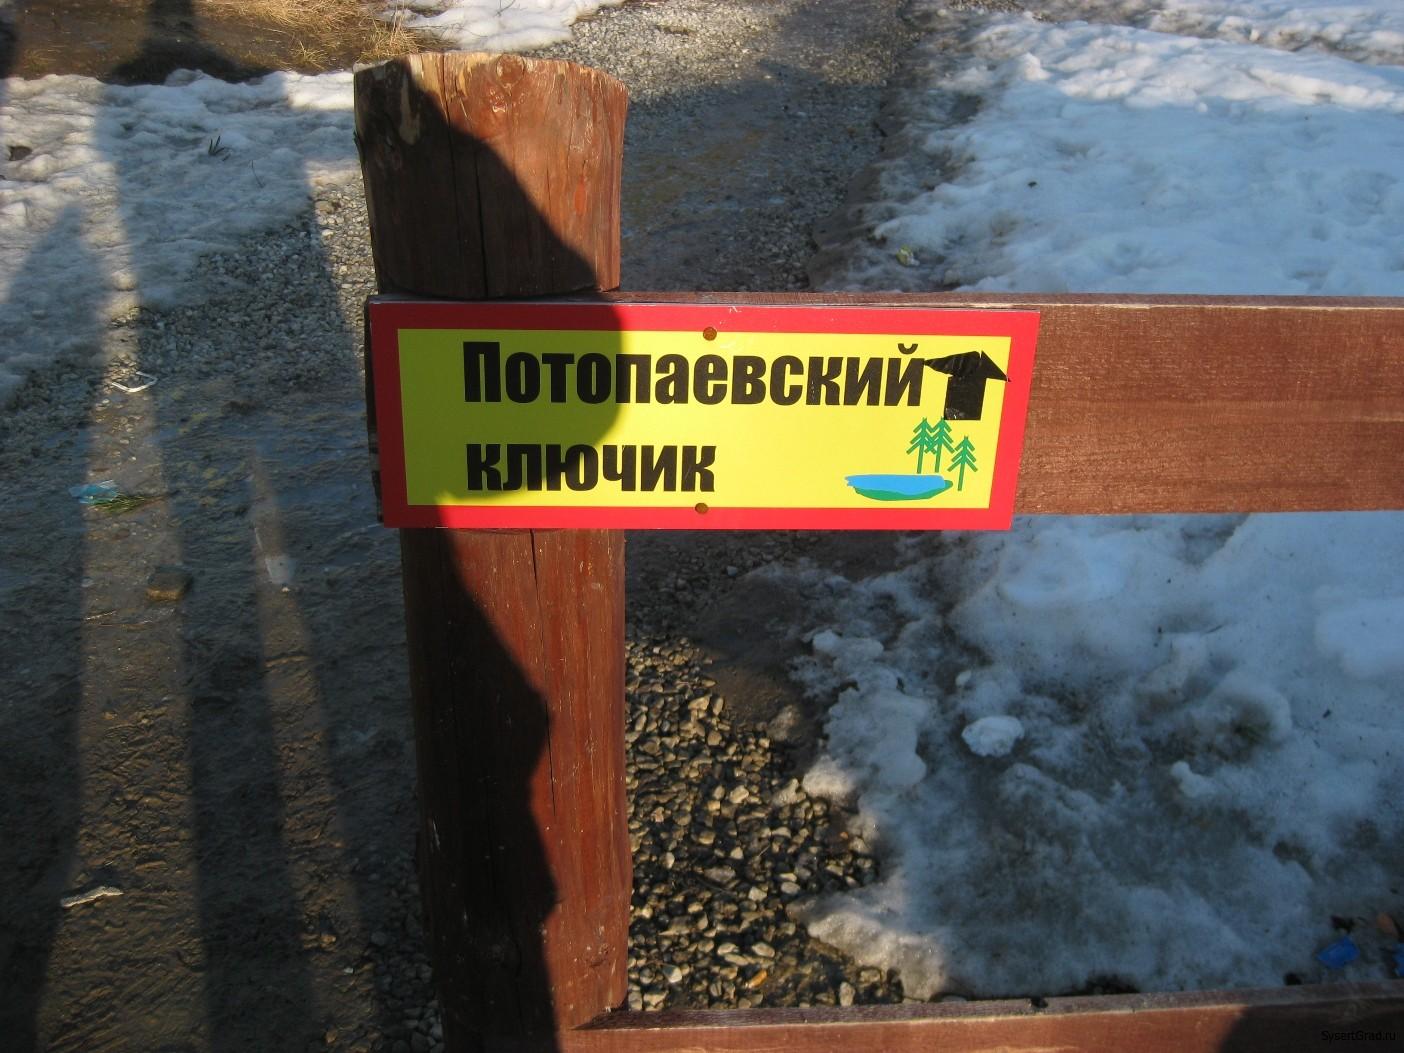 Потопаевский ключик Сысерть